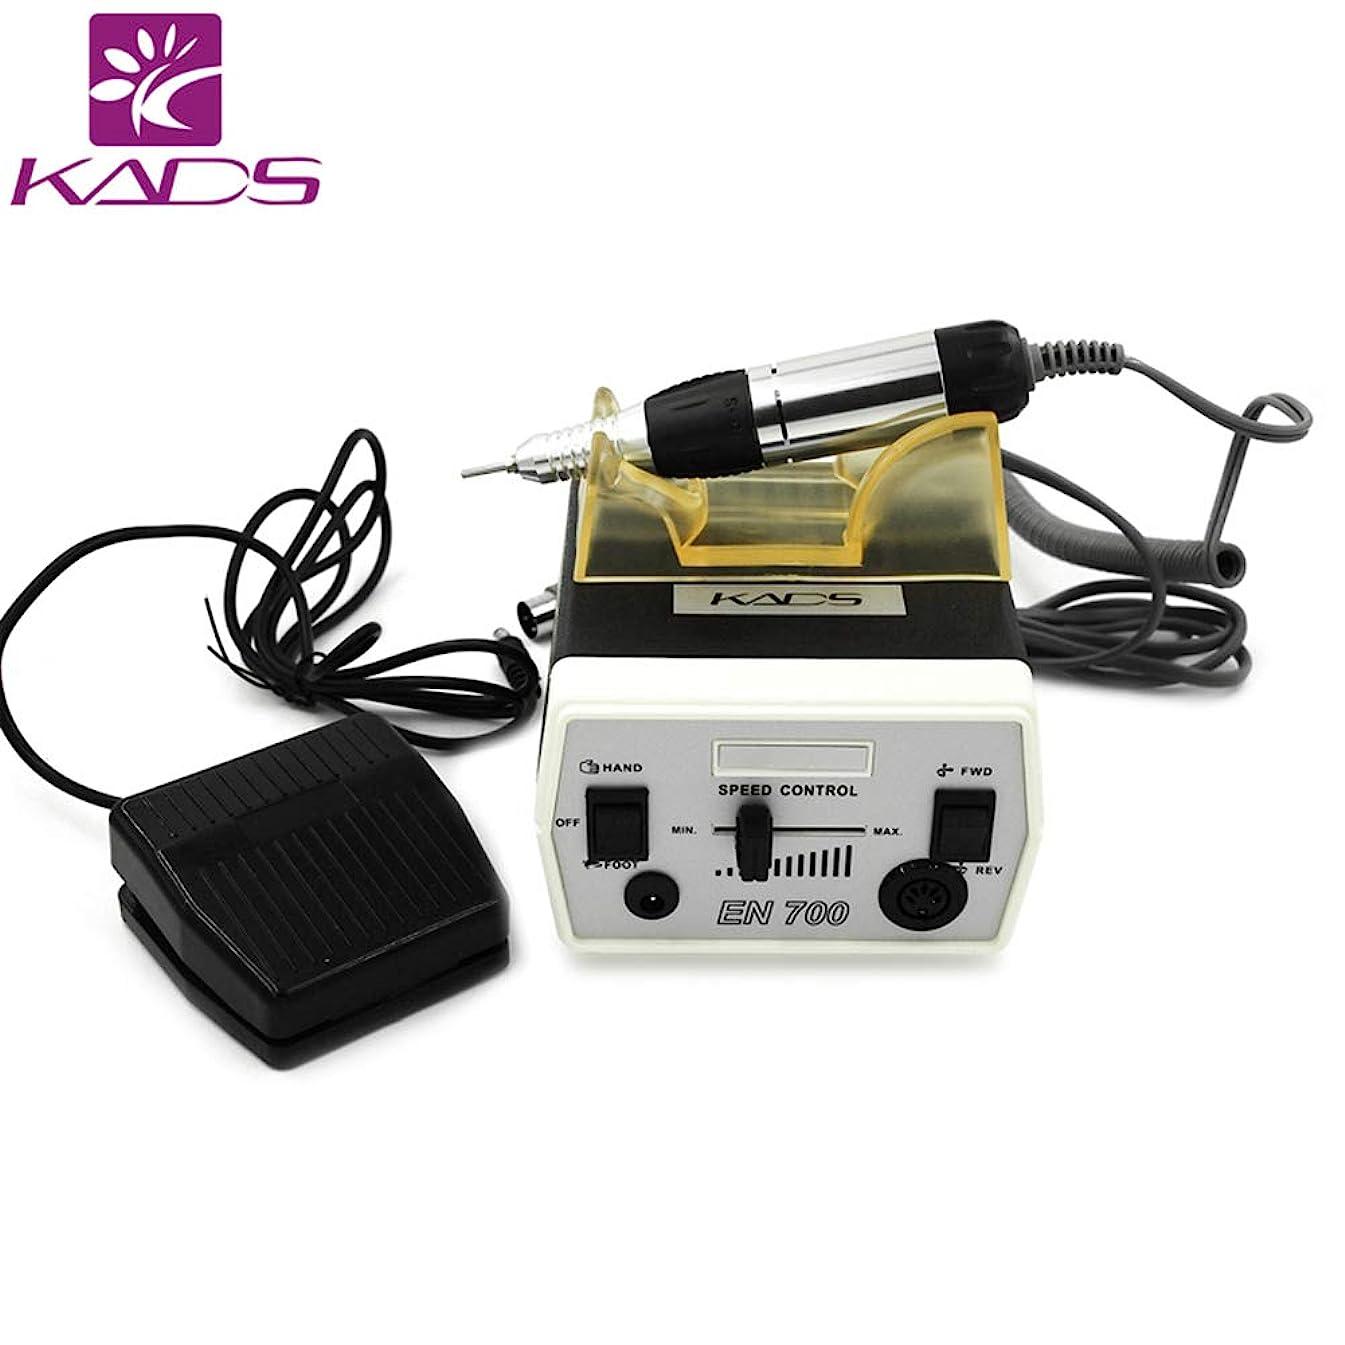 奨励亜熱帯異常KADS 30000RPMネイル電動ポリッシャー ネイルドリルマシン 電気ネイルファイル スクラブ圏付き ネイルファイルビューティーセット(ブラック)